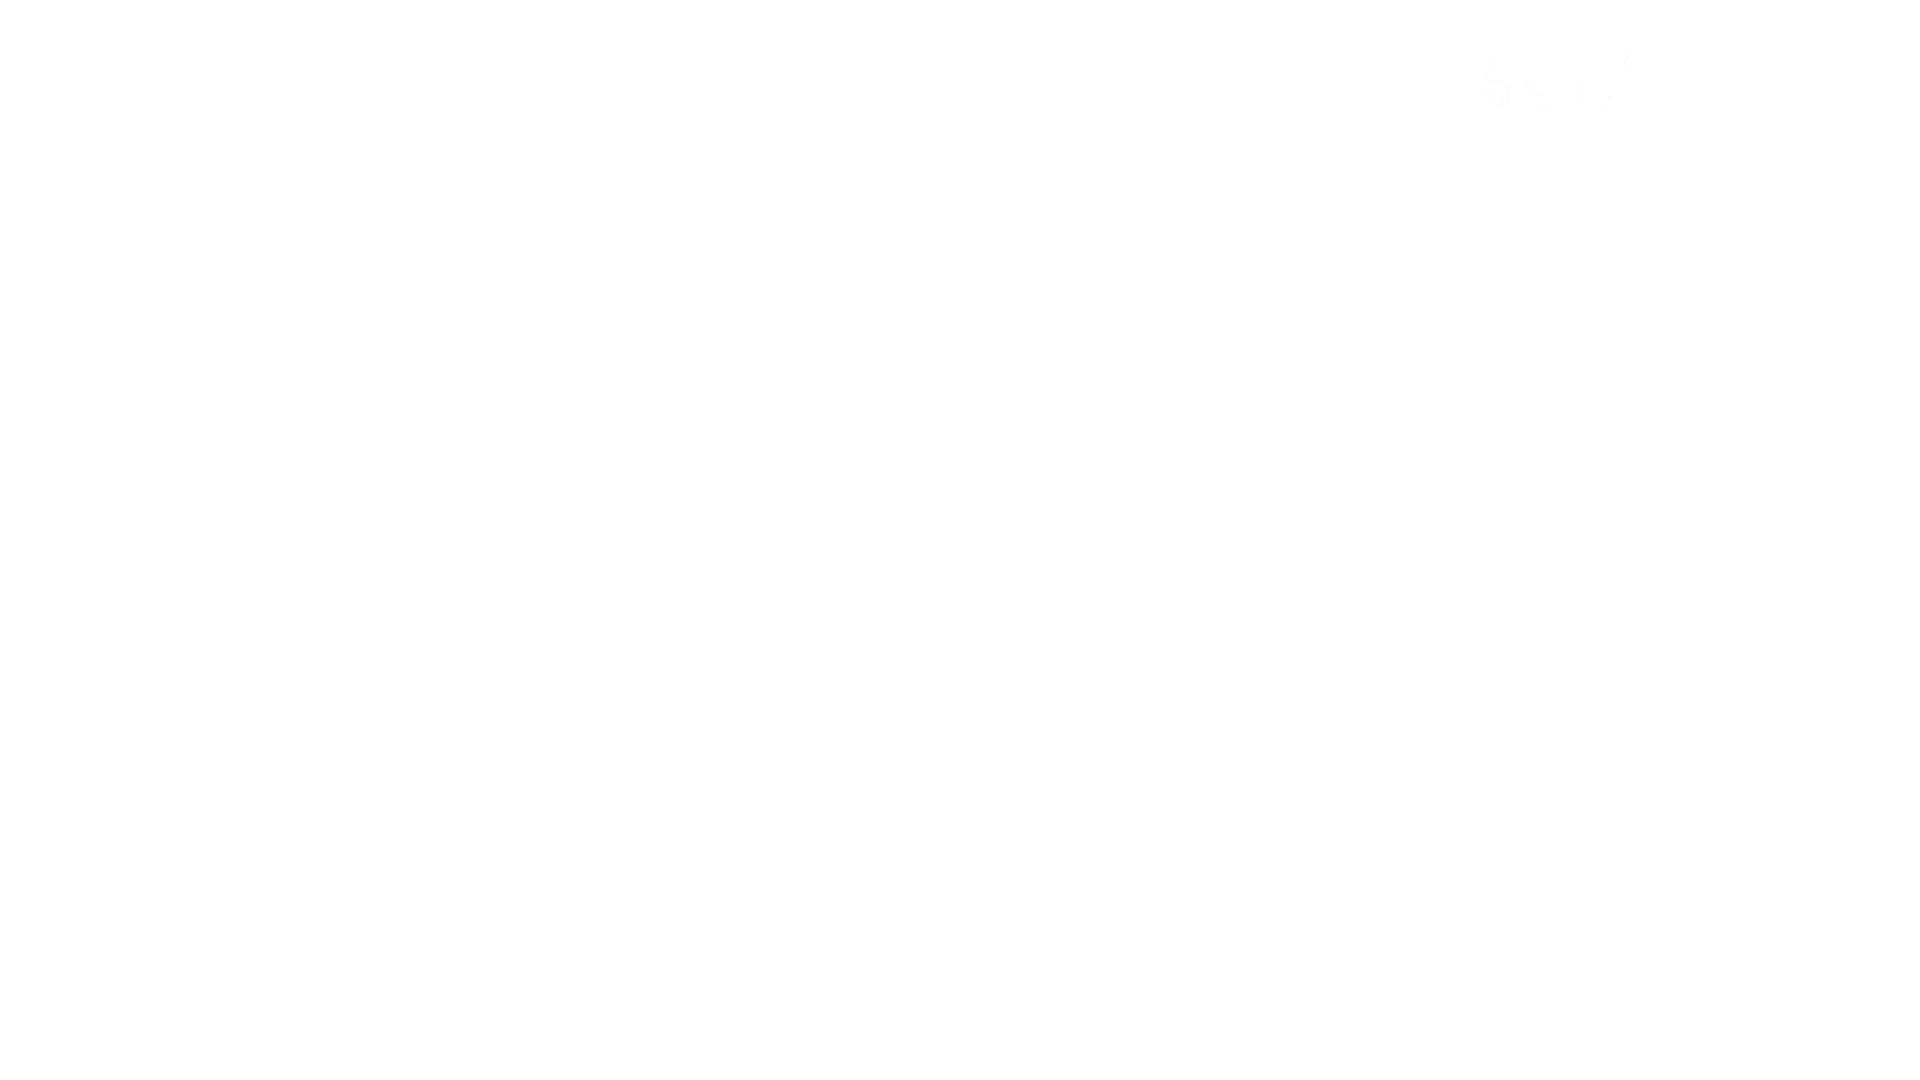 至高下半身盗撮-PREMIUM-【院内病棟編 】VOL2 OLのボディ  50PIX 12